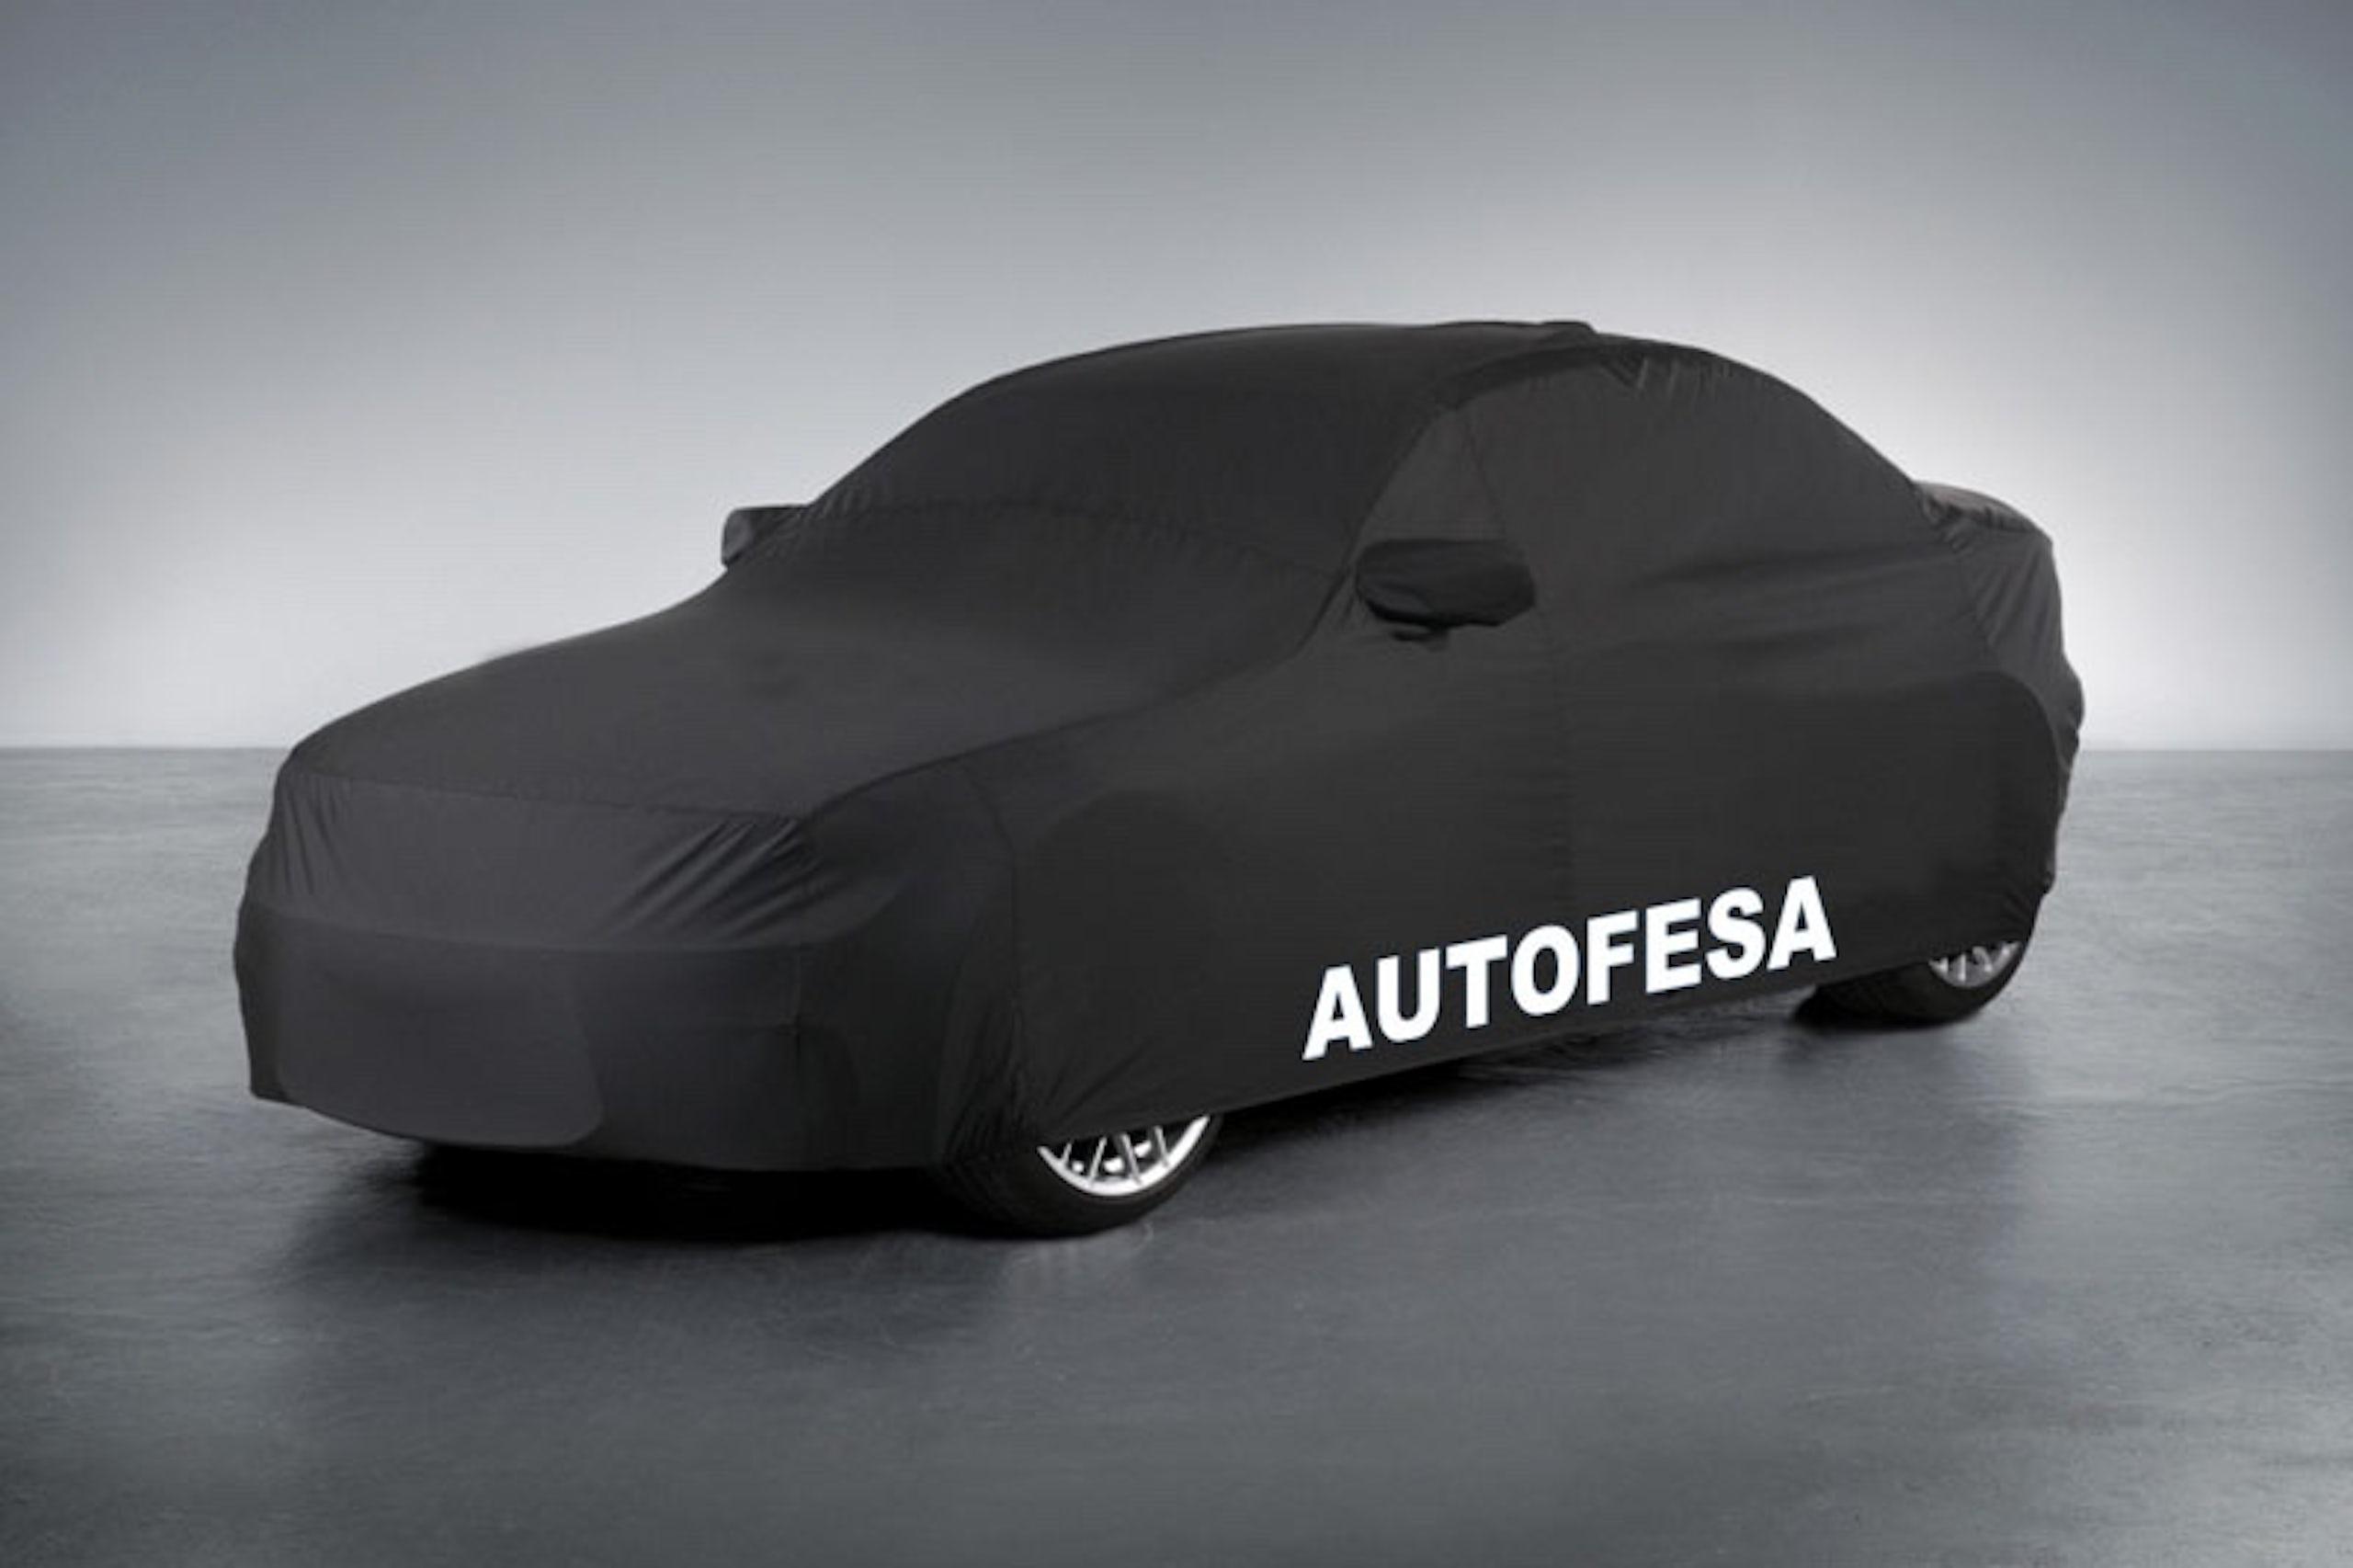 Audi Q7 3.0 TDI 233cv quattro Tiptronic 5p 7plz Auto - Foto 15